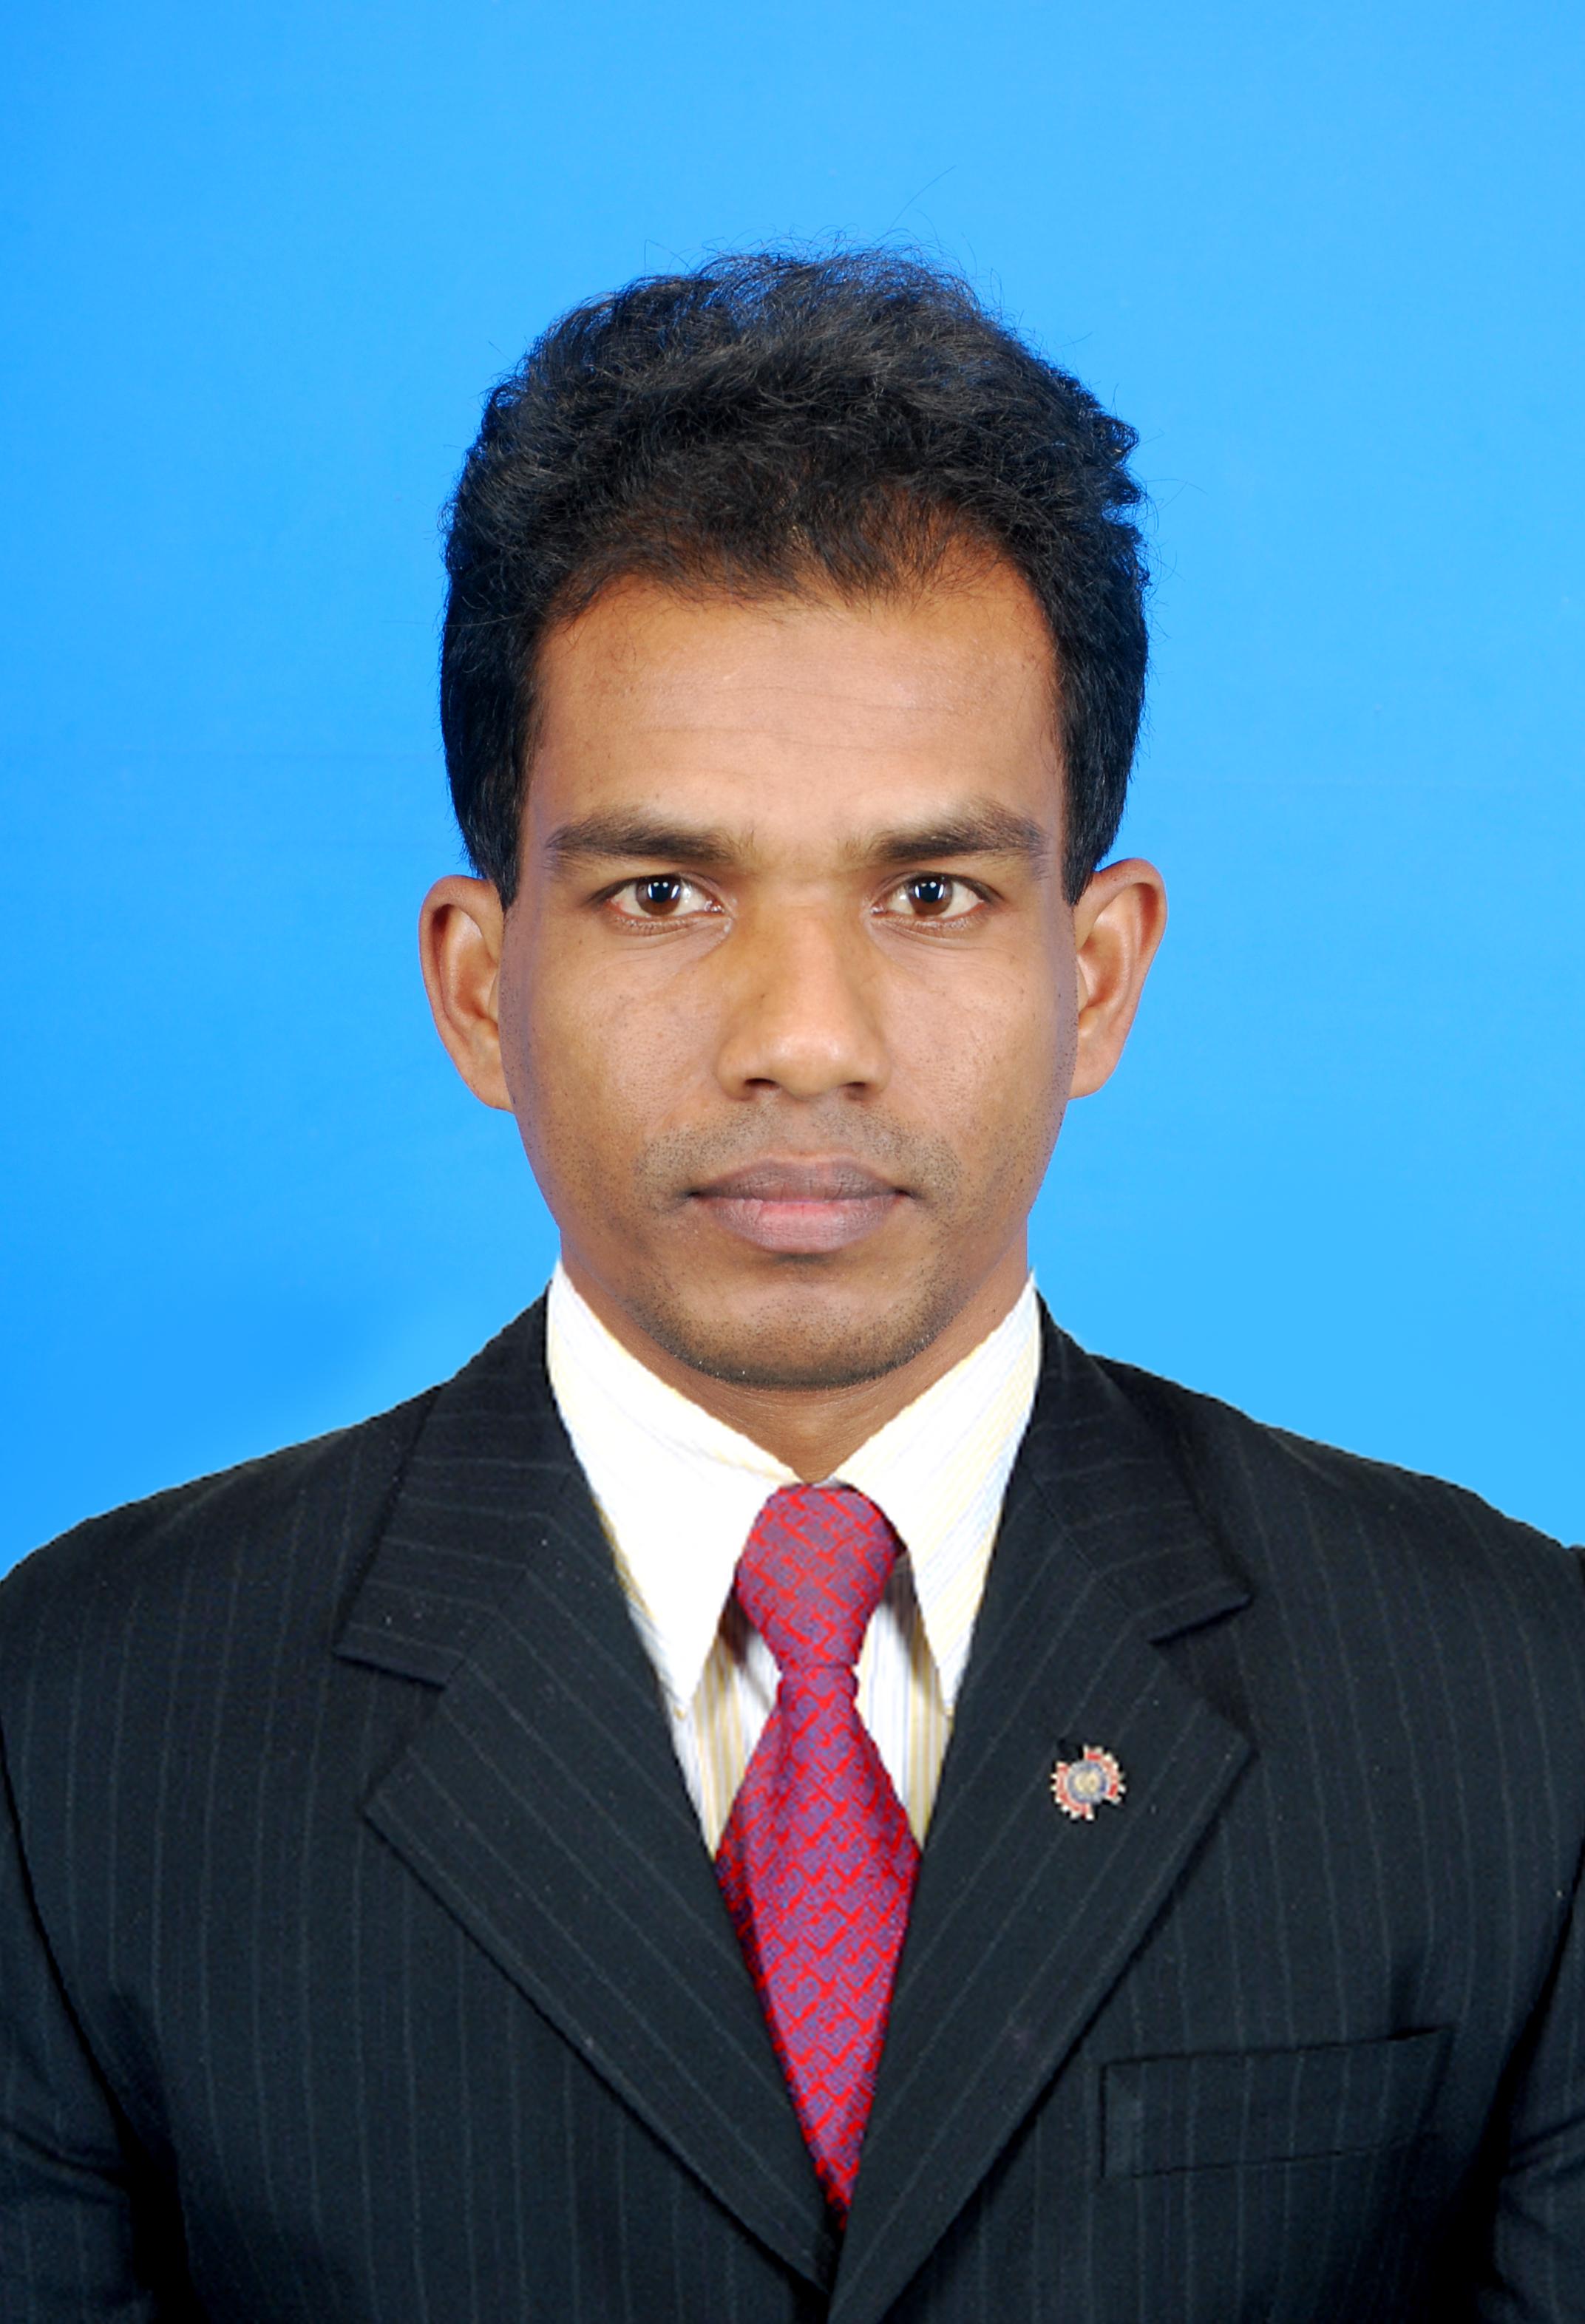 MD. SAIFUL ALAM SAIF